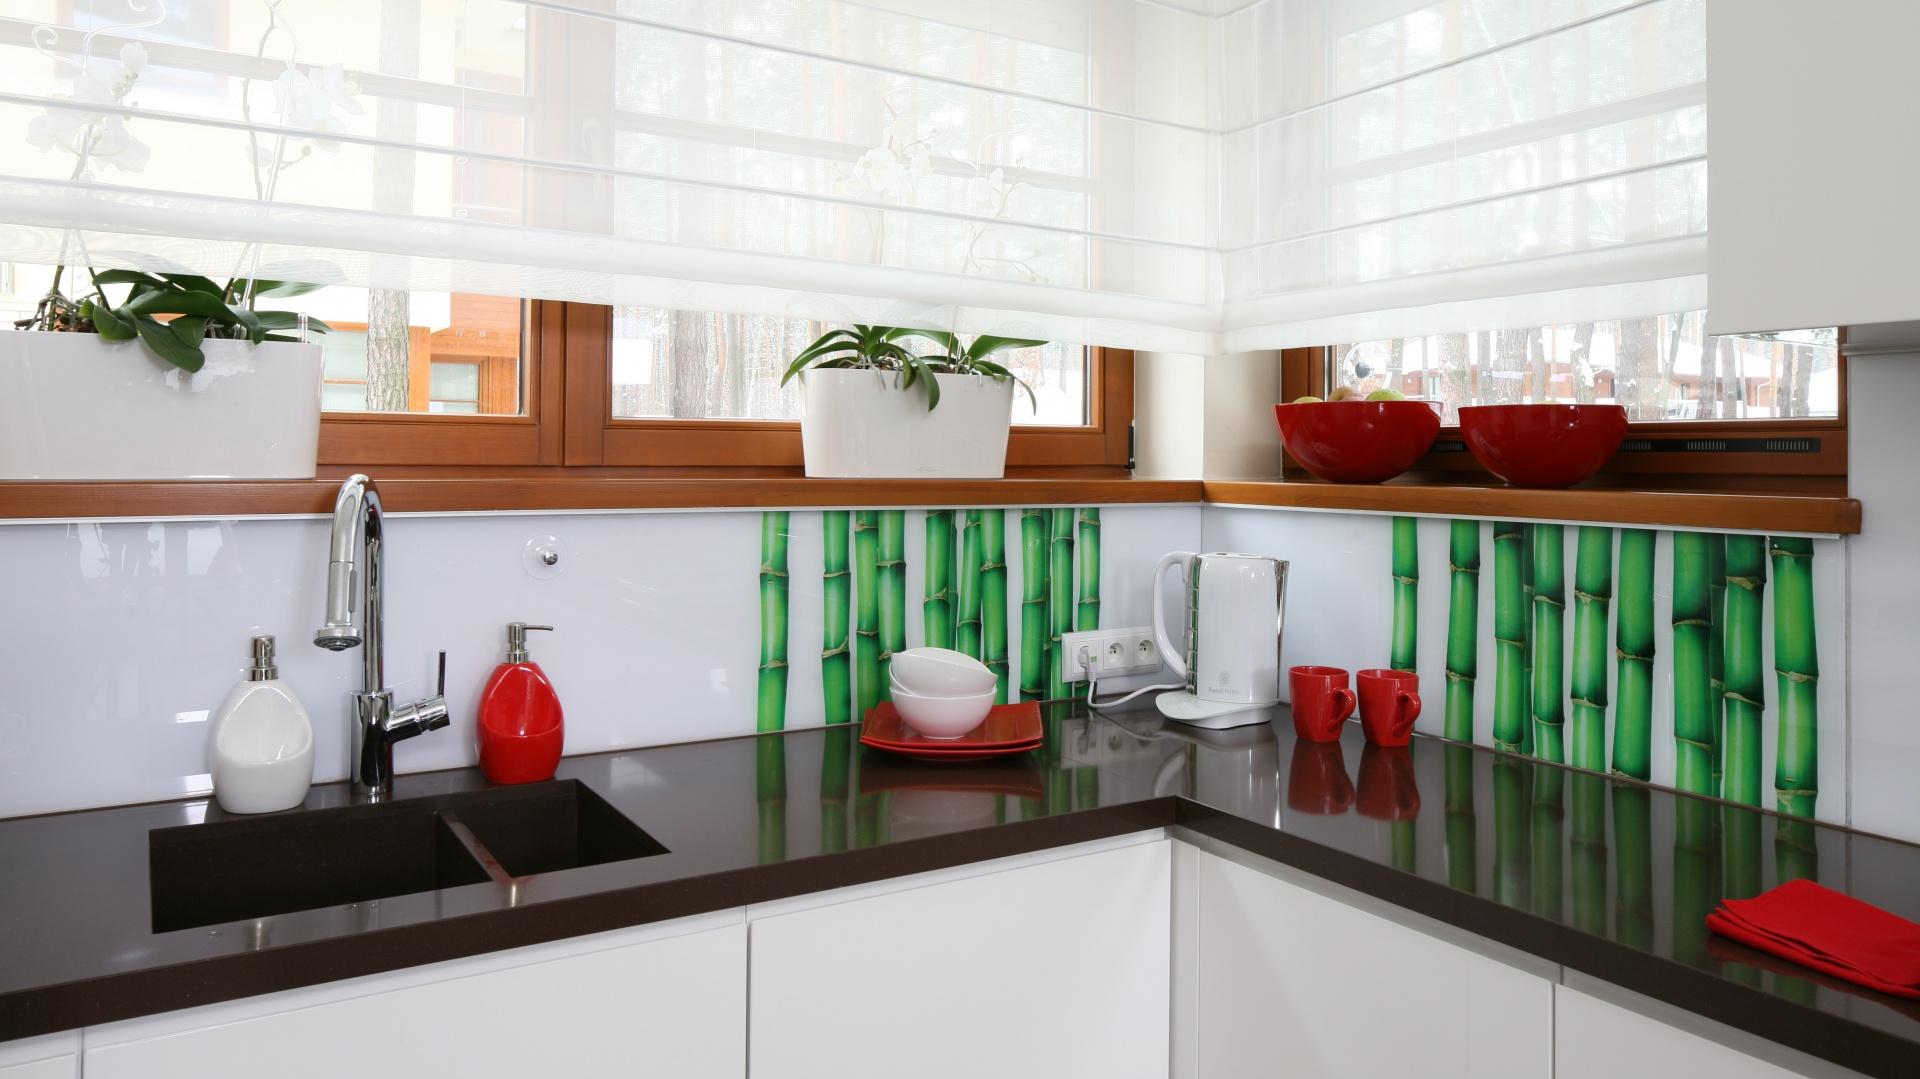 Fototapeta nad blatem w kuchni może przyjmować najróżniejsze formy. Tutaj - zamiast popularnych zdjęć i krajobrazów - zdobi ją motyw zielonego bambusa. Żywa, intensywna barwa pięknie komponuje się z czerwonymi dodatkami. Projekt: Katarzyna Mikulska-Sękalska. Fot. Bartosz Jarosz.